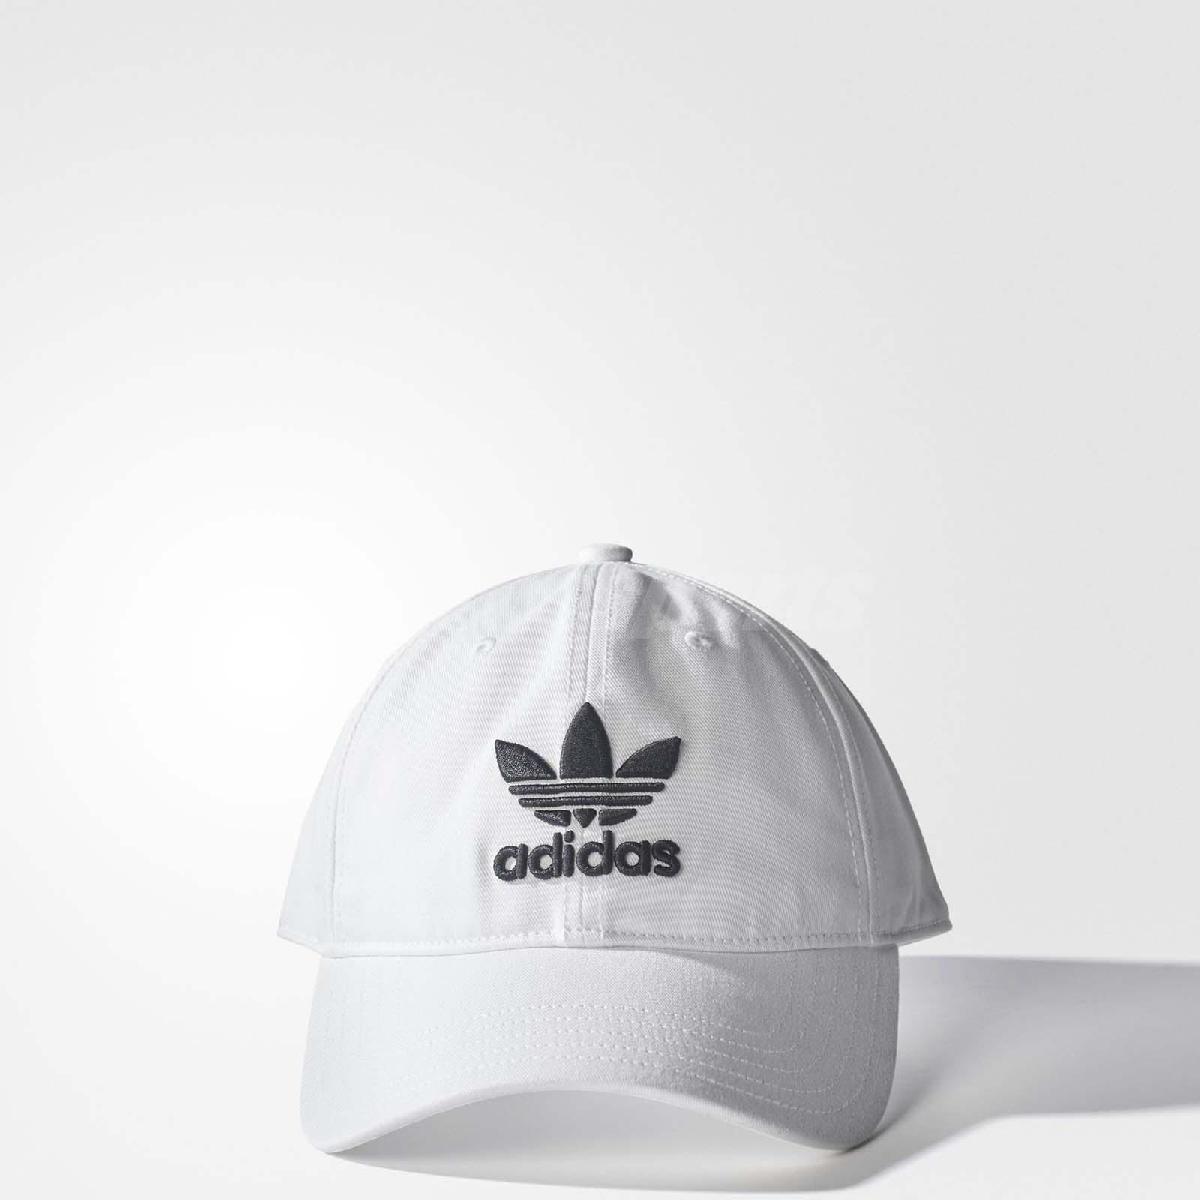 adidas 帽子 ORIGINALS TREFOIL CAP 老帽 棒球帽 經典 三葉草 基本款 男女 白黑 白 黑 【PUMP306】 BR9720